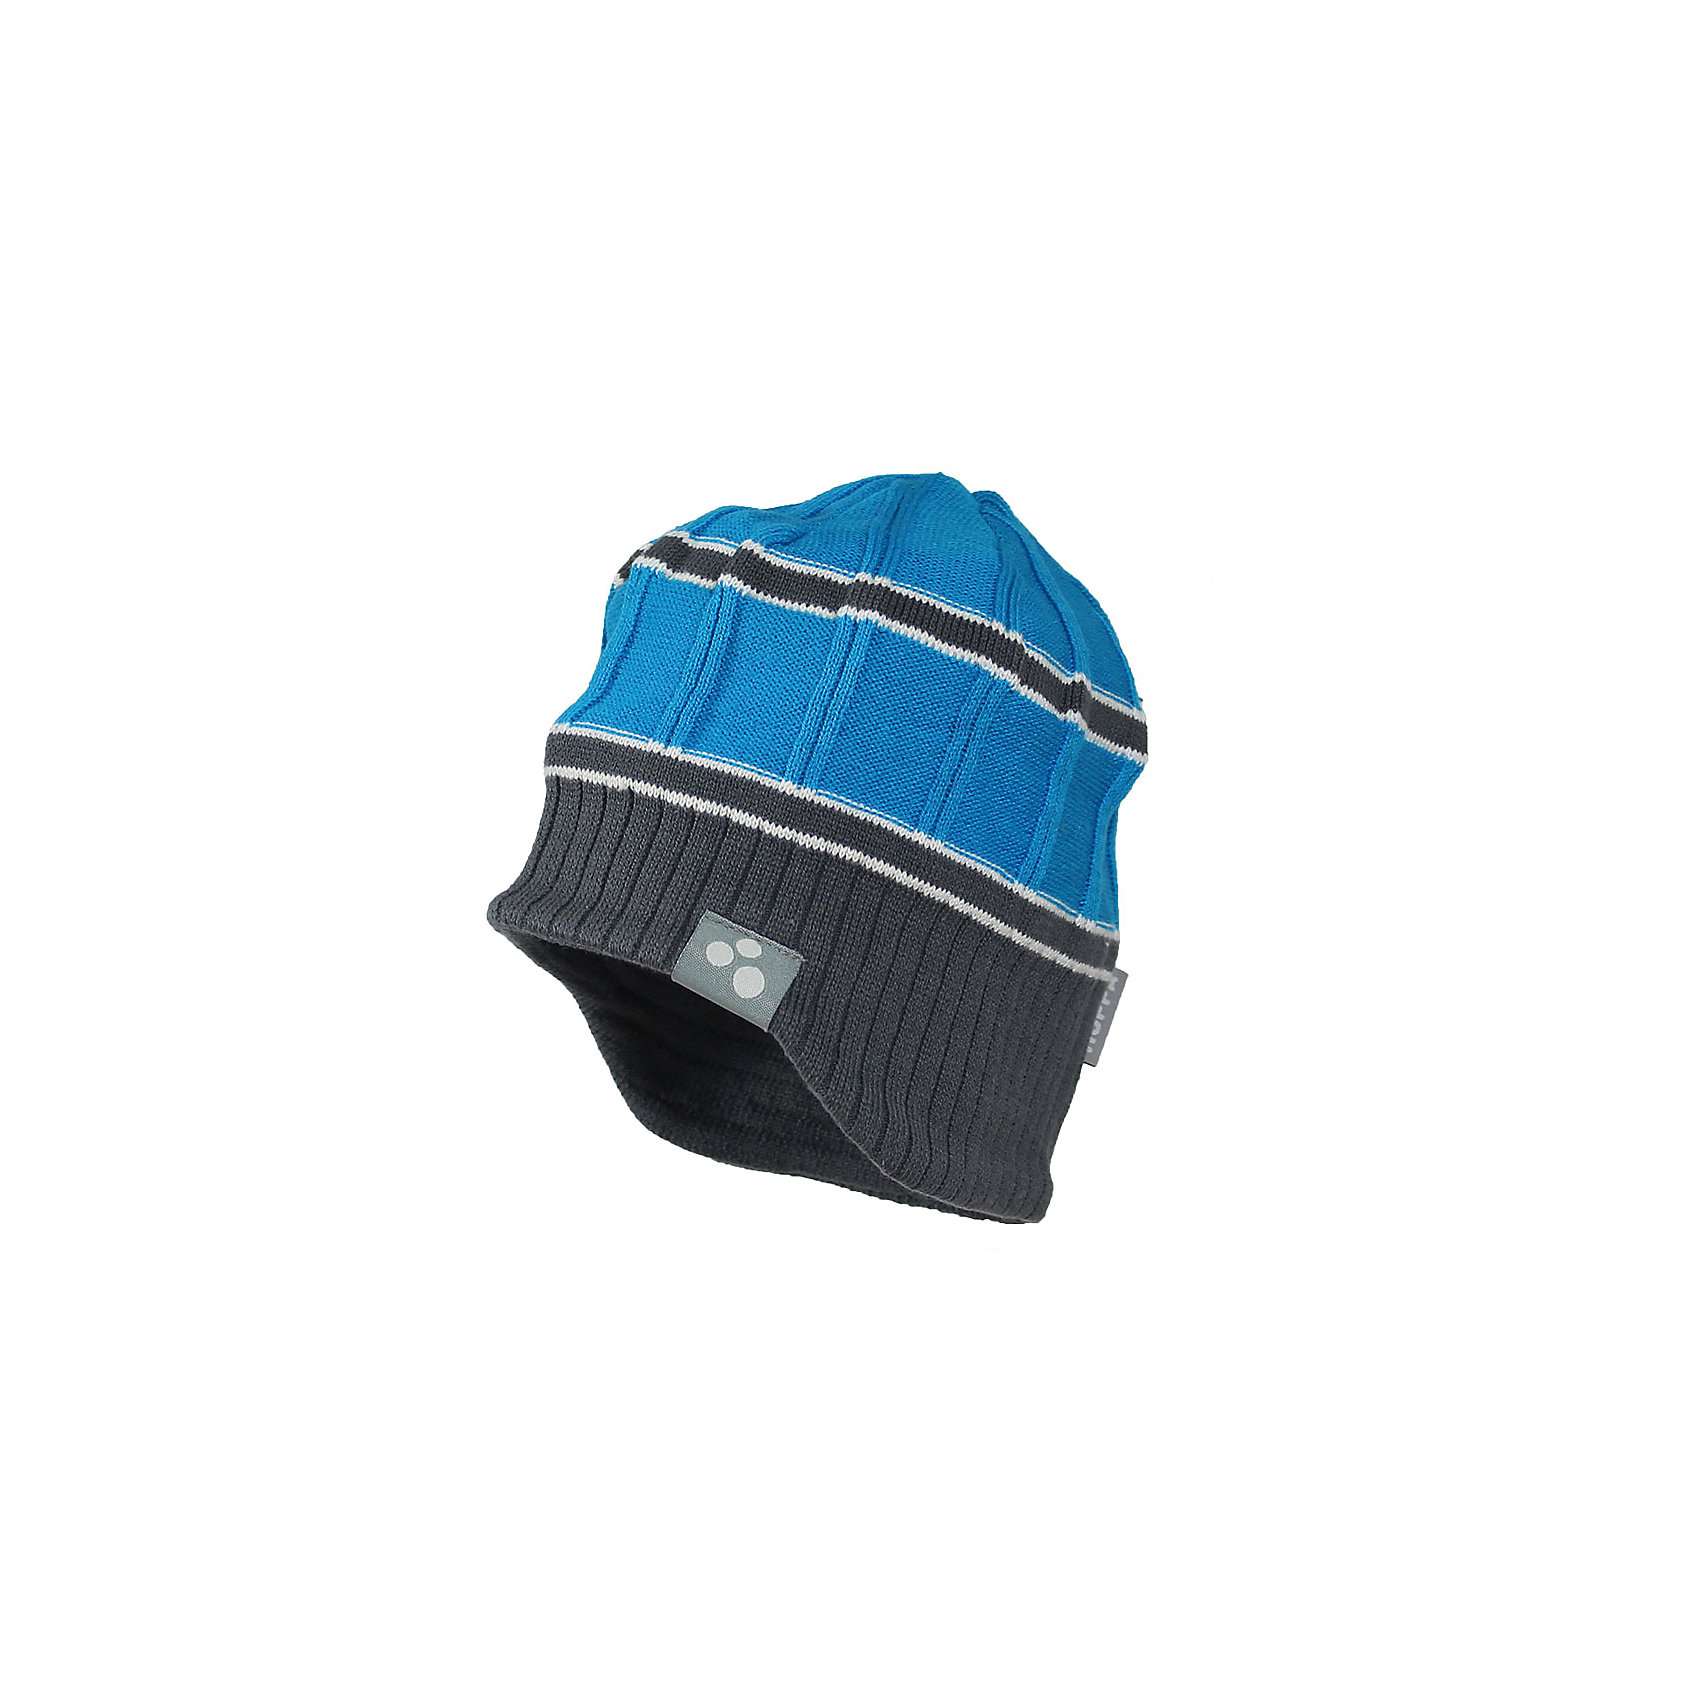 Шапка JARROD для мальчика HuppaХарактеристики товара:<br><br>• цвет: голубой<br>• состав: 50% хлопок, 50% акрил<br>• температурный режим: от 0°до +10°С<br>• демисезонная<br>• фактурная вязка<br>• логотип<br>• комфортная посадка<br>• мягкий материал<br>• коллекция: весна-лето 2017<br>• страна бренда: Эстония<br><br>Эта шапка обеспечит детям тепло и комфорт. Подкладка сделана из приятного на ощупь дышащего и гипоаллергенного хлопка. Шапка очень симпатично смотрится, а дизайн и расцветка позволяют сочетать её с различной одеждой. Модель была разработана специально для детей.<br><br>Одежда и обувь от популярного эстонского бренда Huppa - отличный вариант одеть ребенка можно и комфортно. Вещи, выпускаемые компанией, качественные, продуманные и очень удобные. Для производства изделий используются только безопасные для детей материалы. Продукция от Huppa порадует и детей, и их родителей!<br><br>Шапку JARROD от бренда Huppa (Хуппа) можно купить в нашем интернет-магазине.<br><br>Ширина мм: 89<br>Глубина мм: 117<br>Высота мм: 44<br>Вес г: 155<br>Цвет: голубой<br>Возраст от месяцев: 144<br>Возраст до месяцев: 168<br>Пол: Мужской<br>Возраст: Детский<br>Размер: 57,55-57,51-53,47-49<br>SKU: 5347850